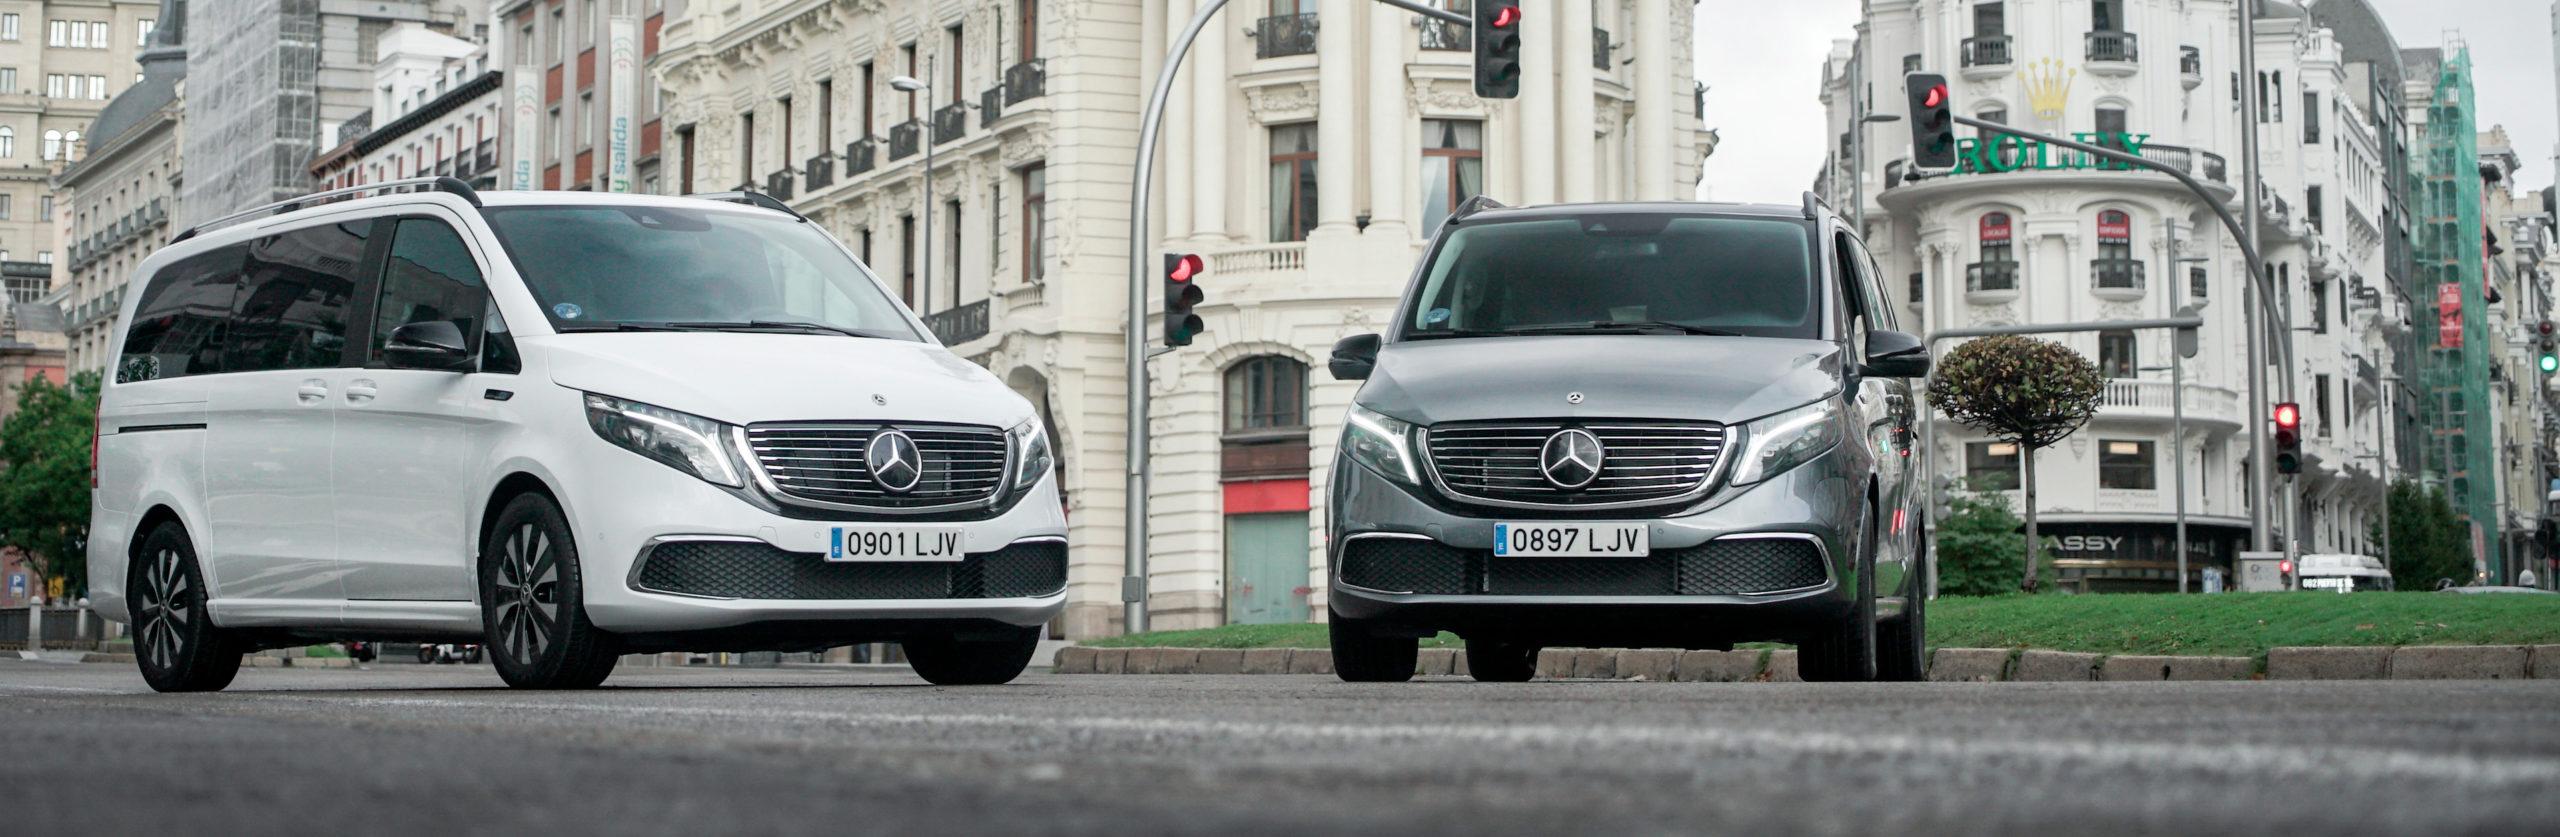 Nuevo Mercedes-Benz EQV. 100% eléctrico